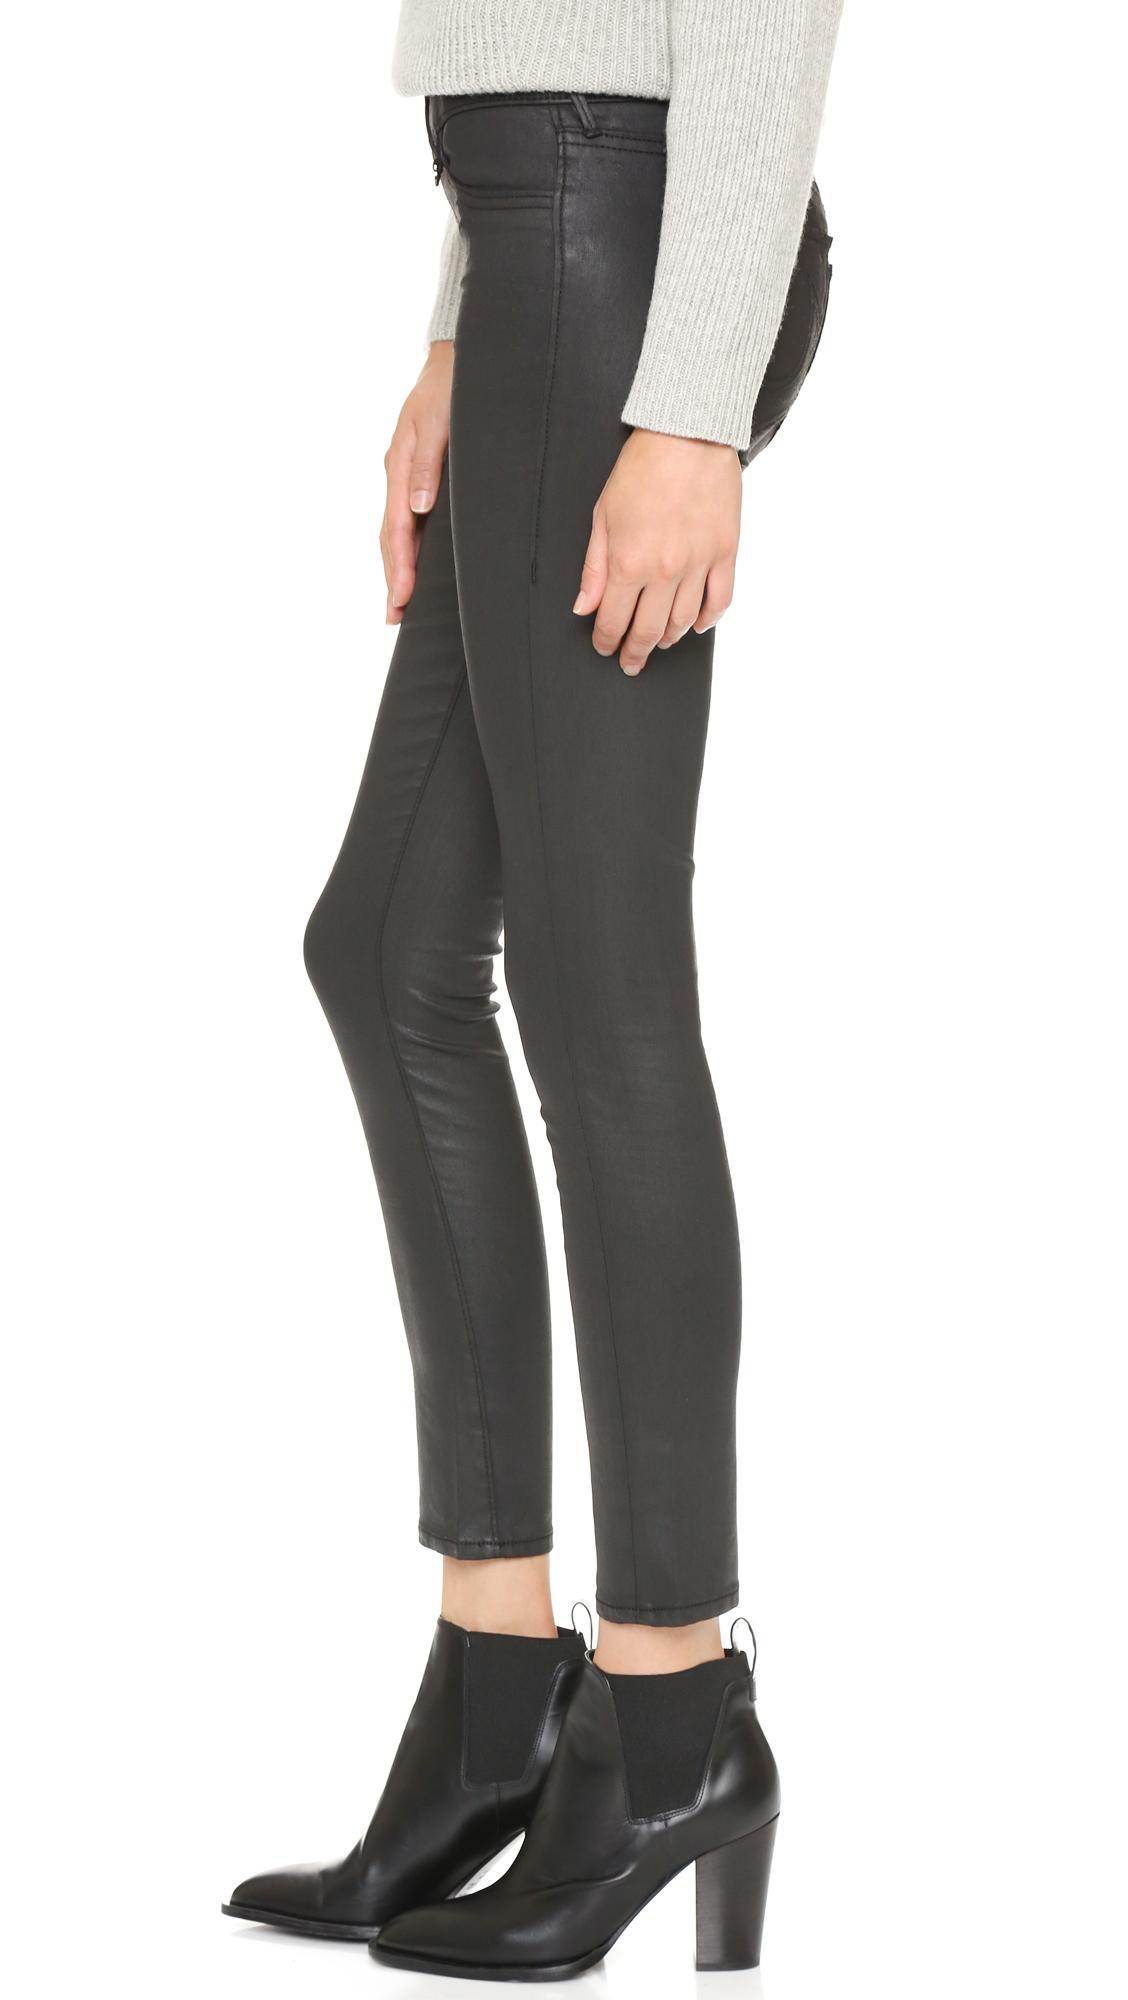 e77b7442c5d0e True Religion Runway Legging Super Skinny Jeans in Black - Lyst